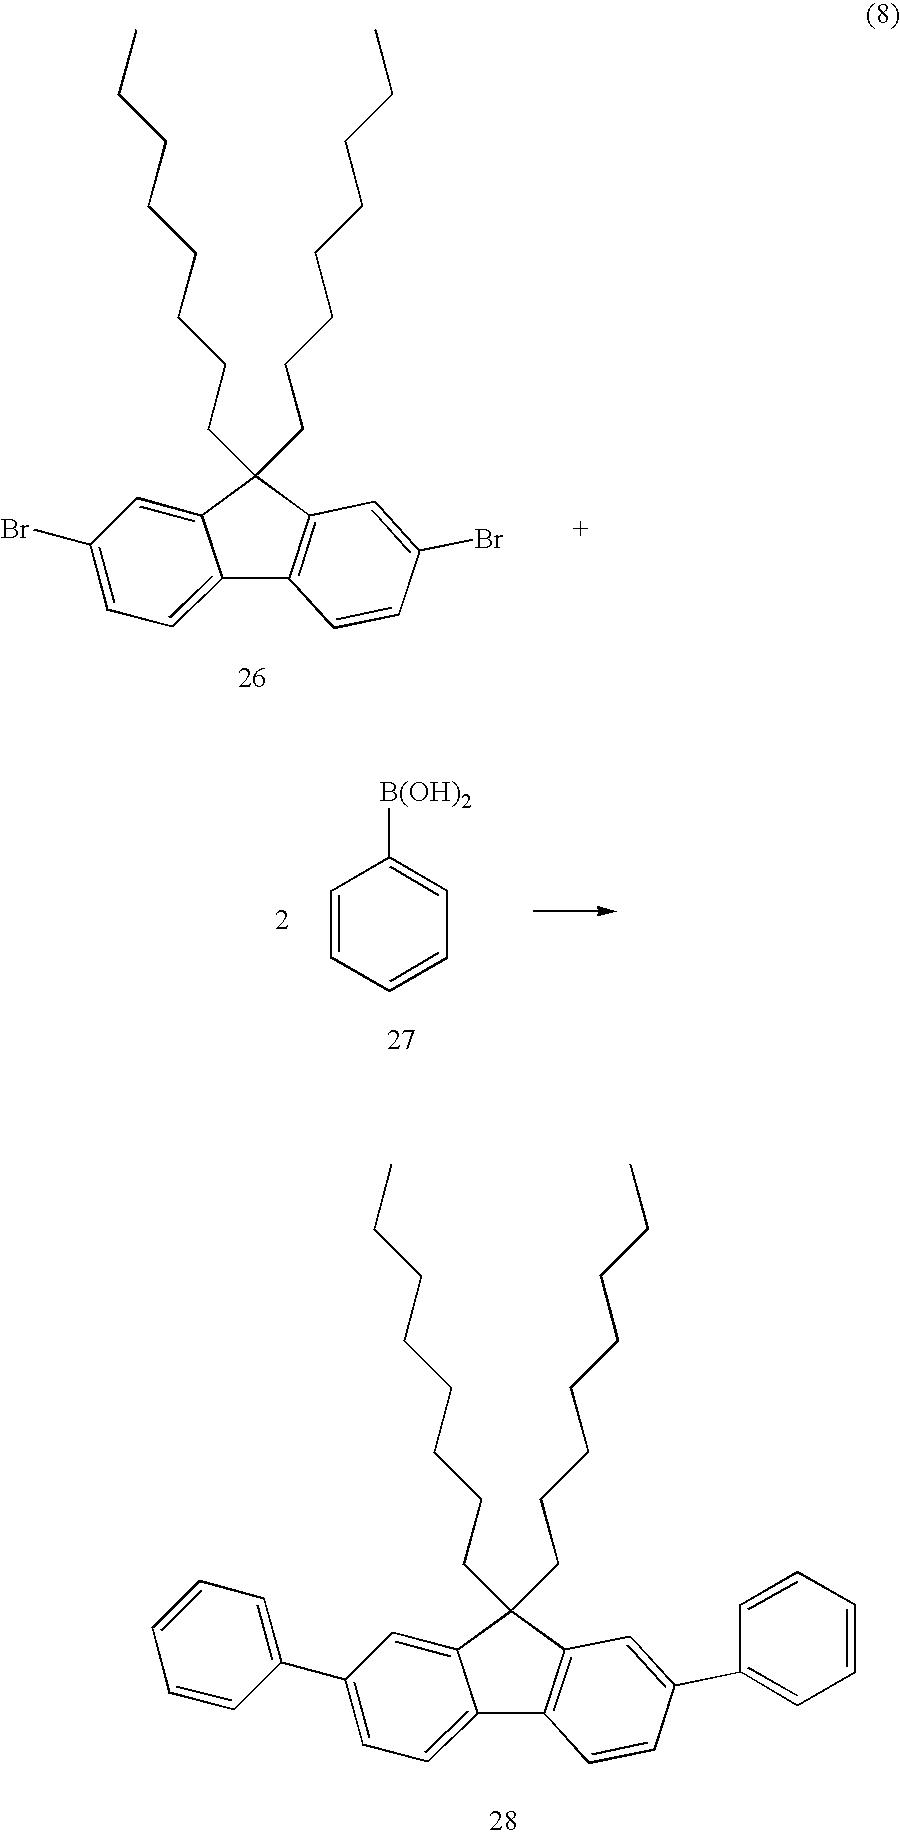 Figure US20080071049A1-20080320-C00016